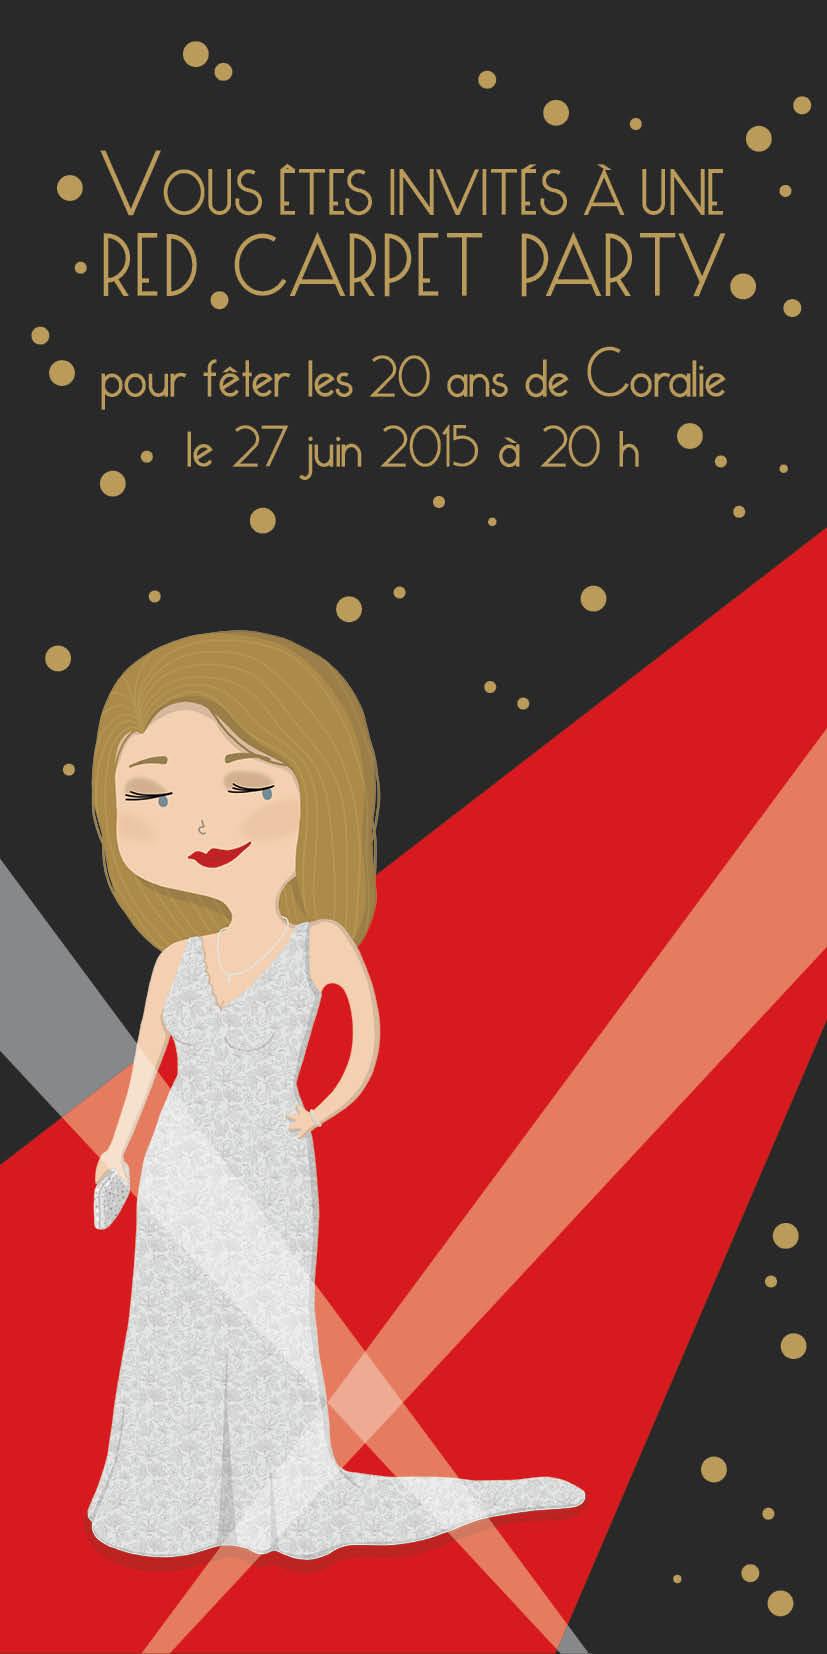 invitation red carpet